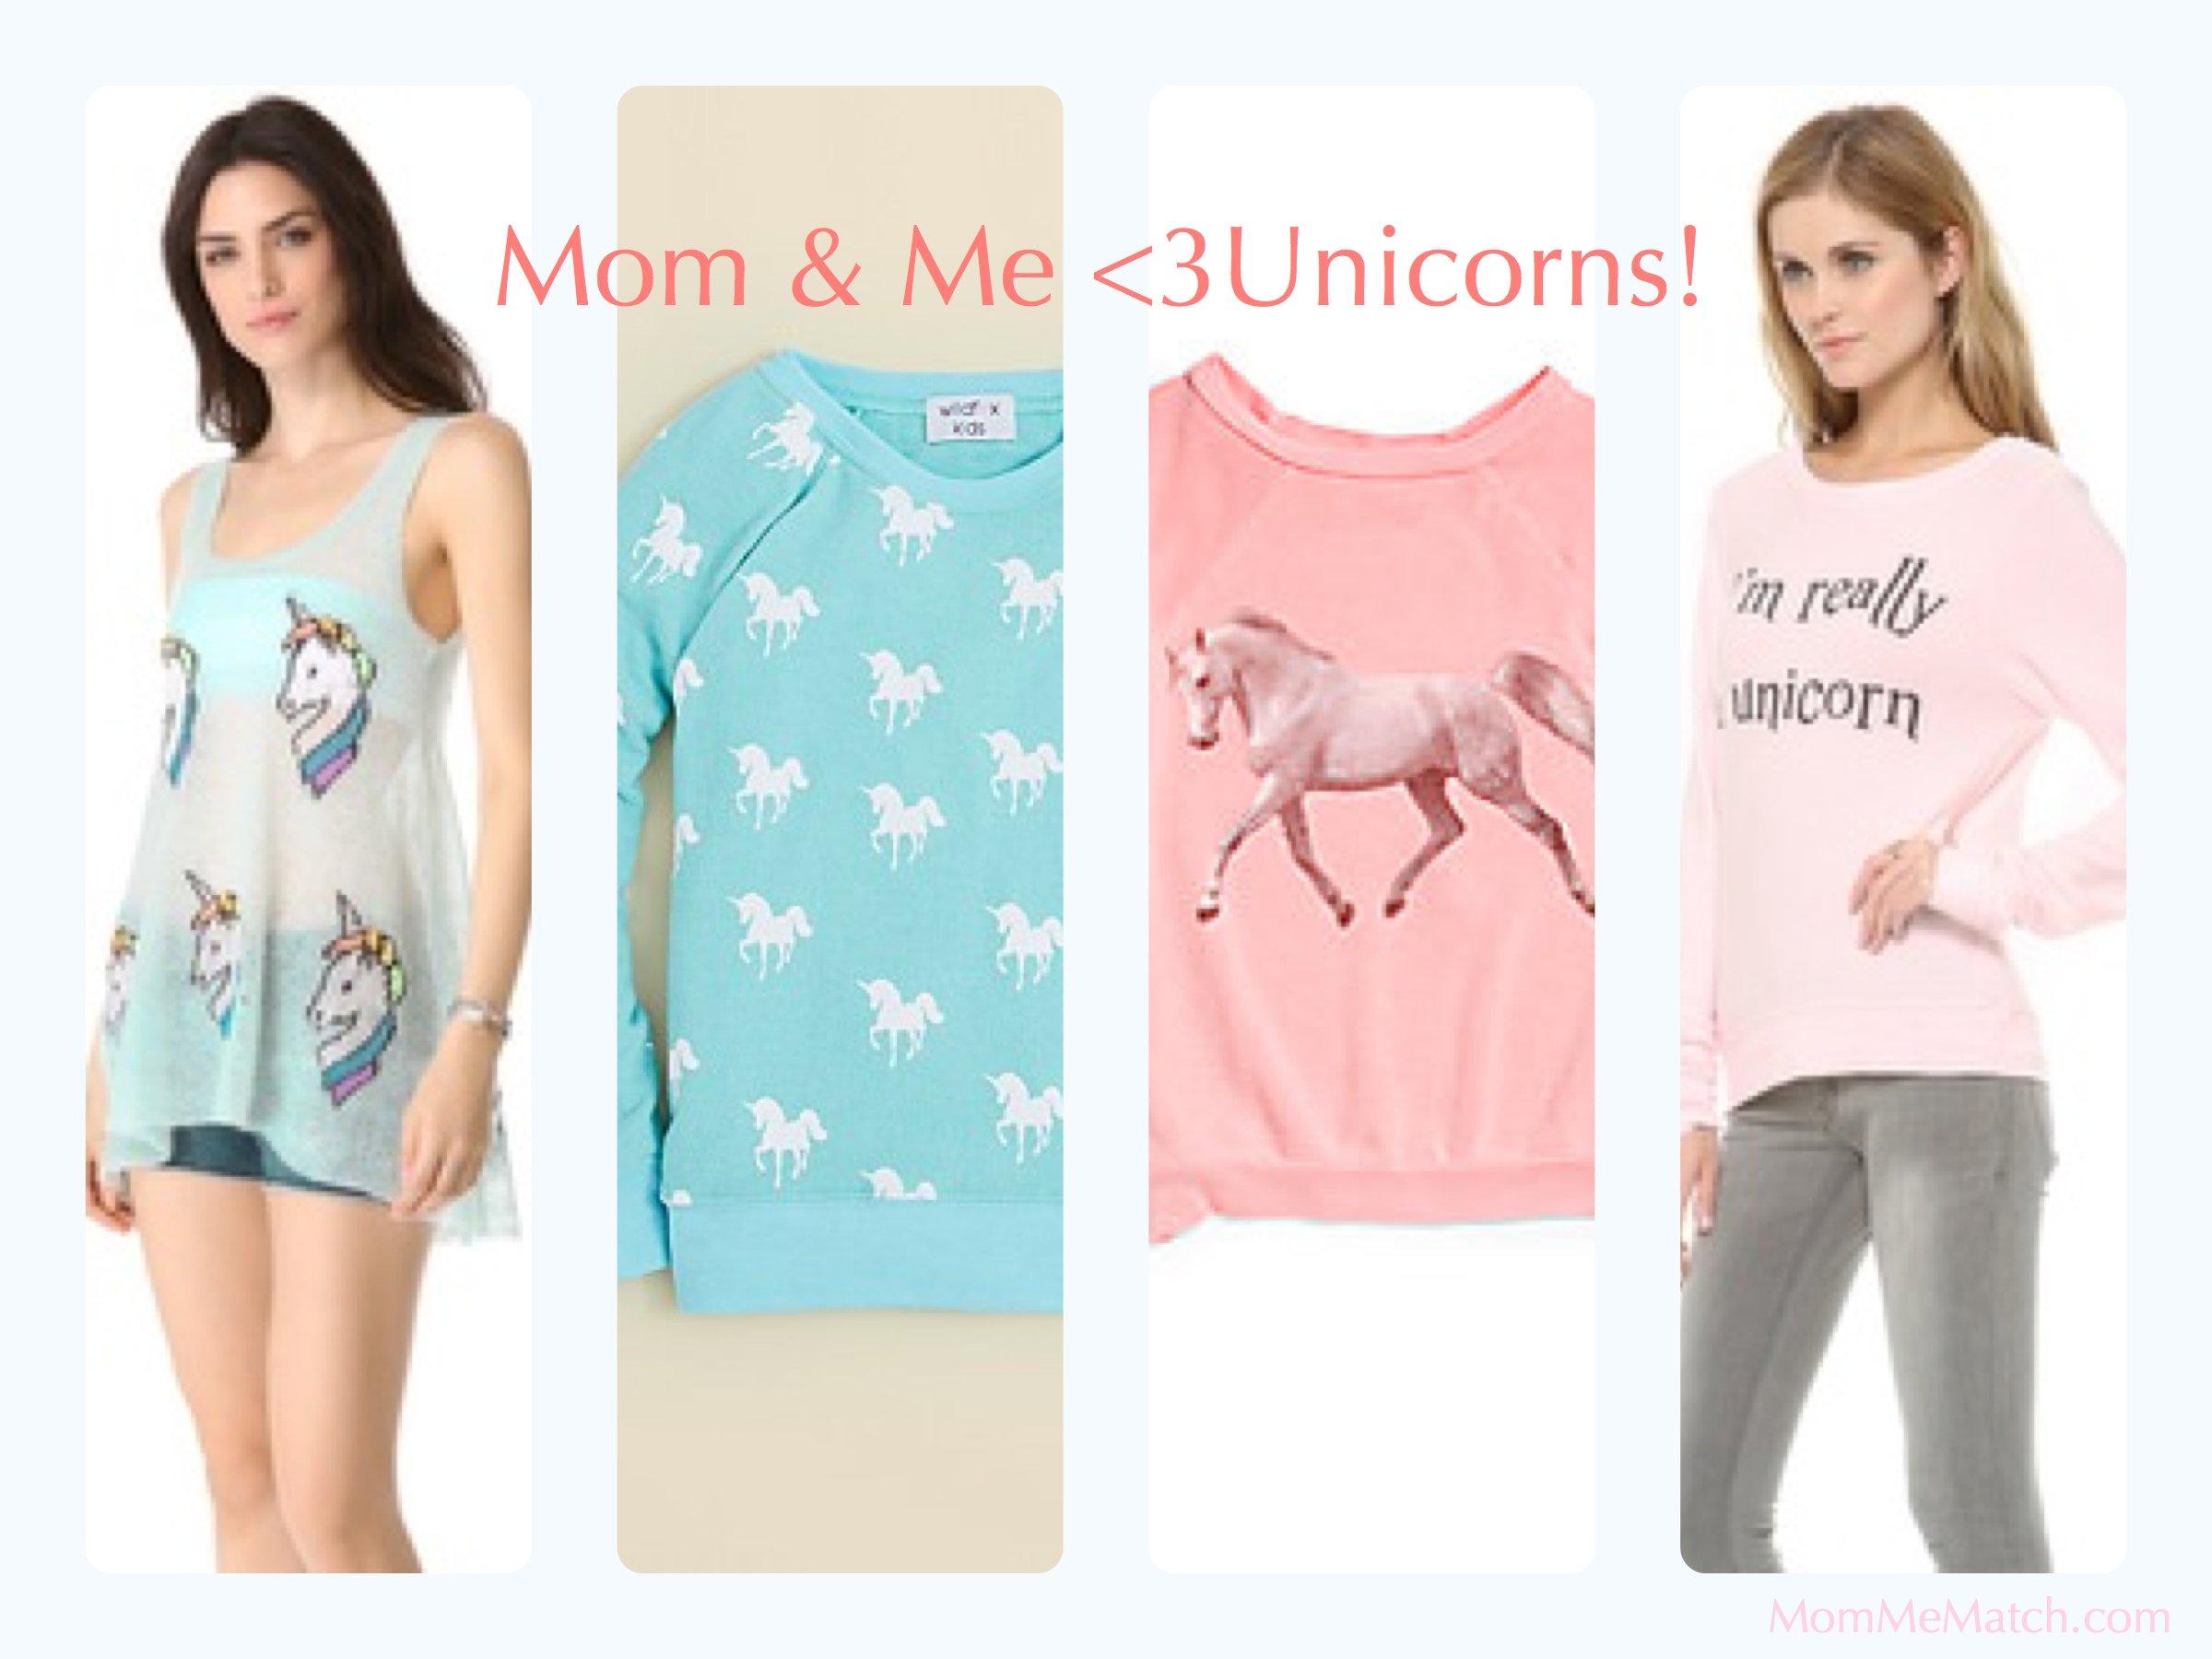 Mom & Me Matching Unicorn Shirts